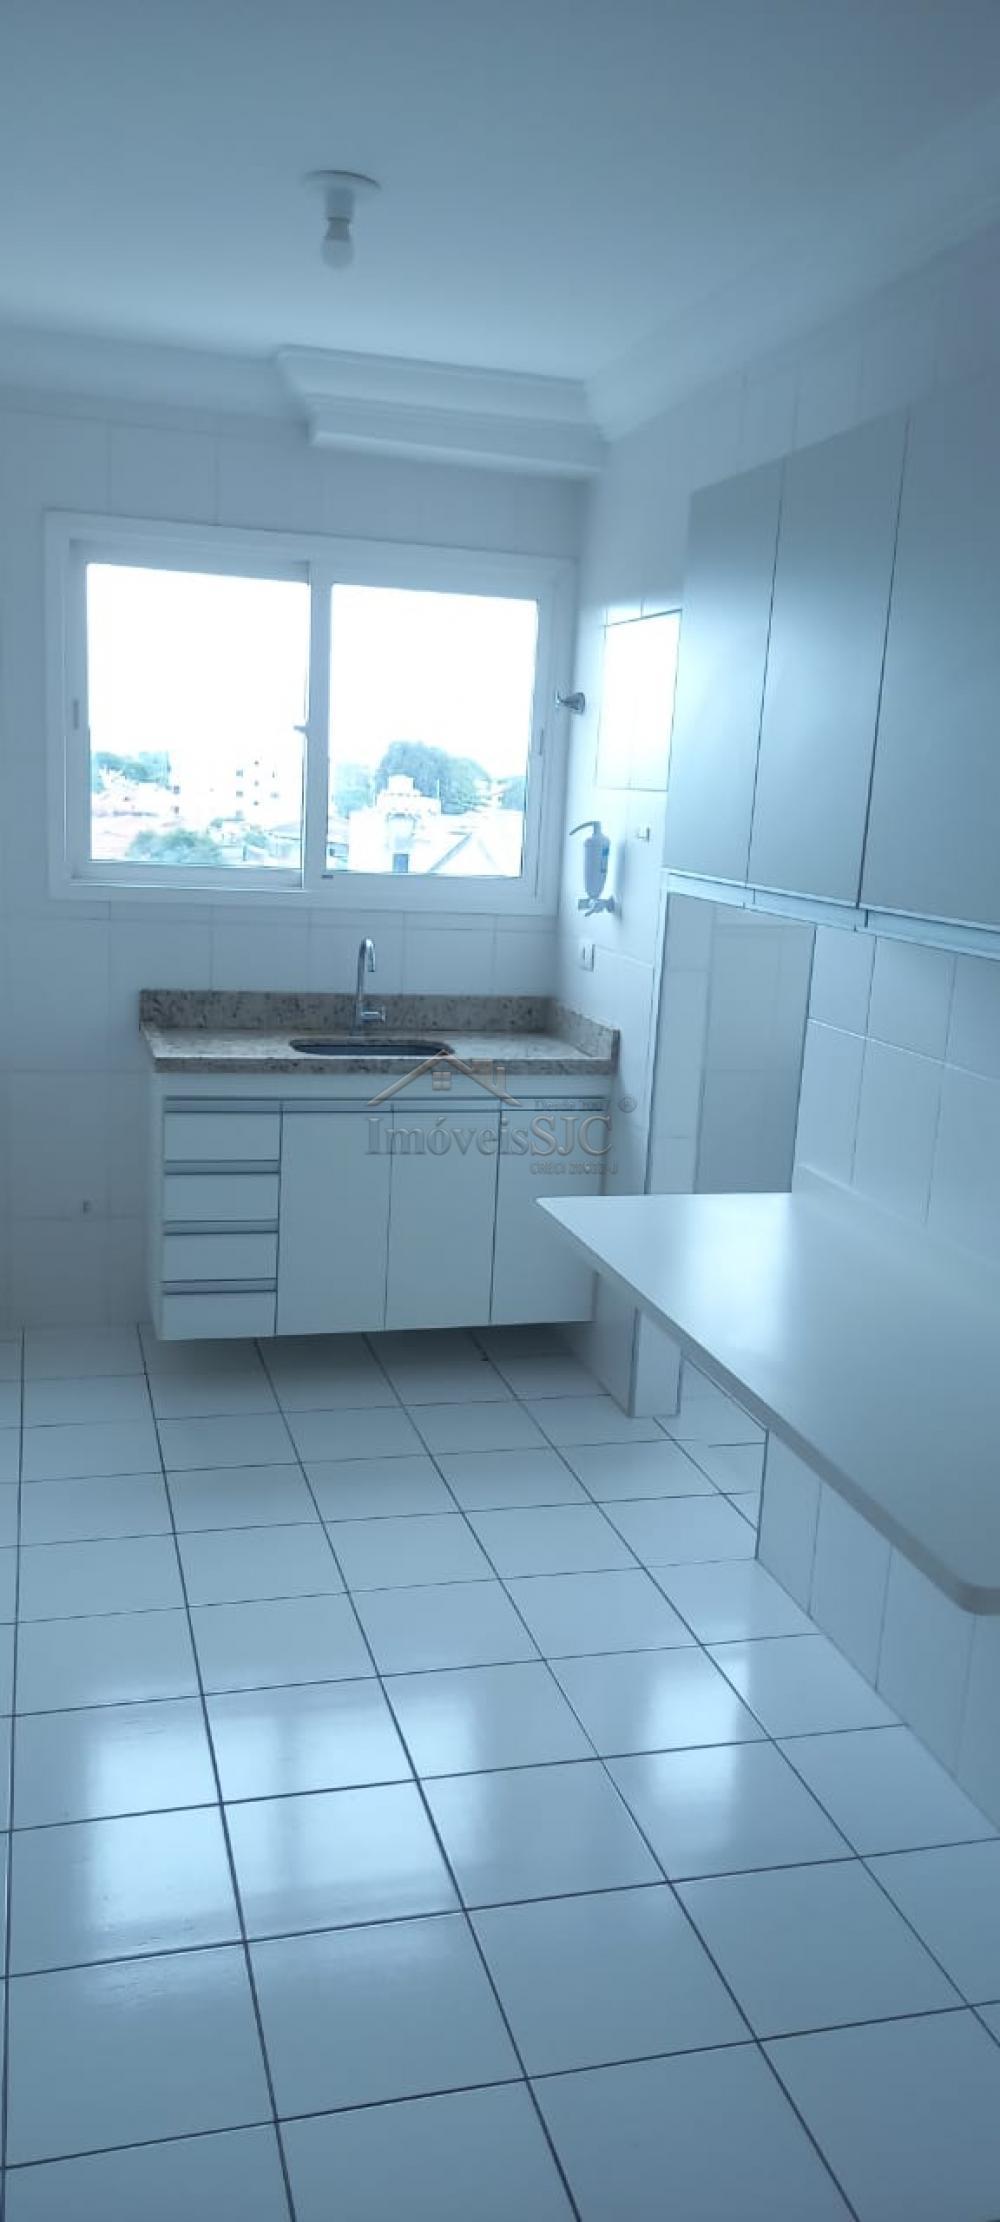 Comprar Apartamentos / Padrão em São José dos Campos apenas R$ 270.000,00 - Foto 14